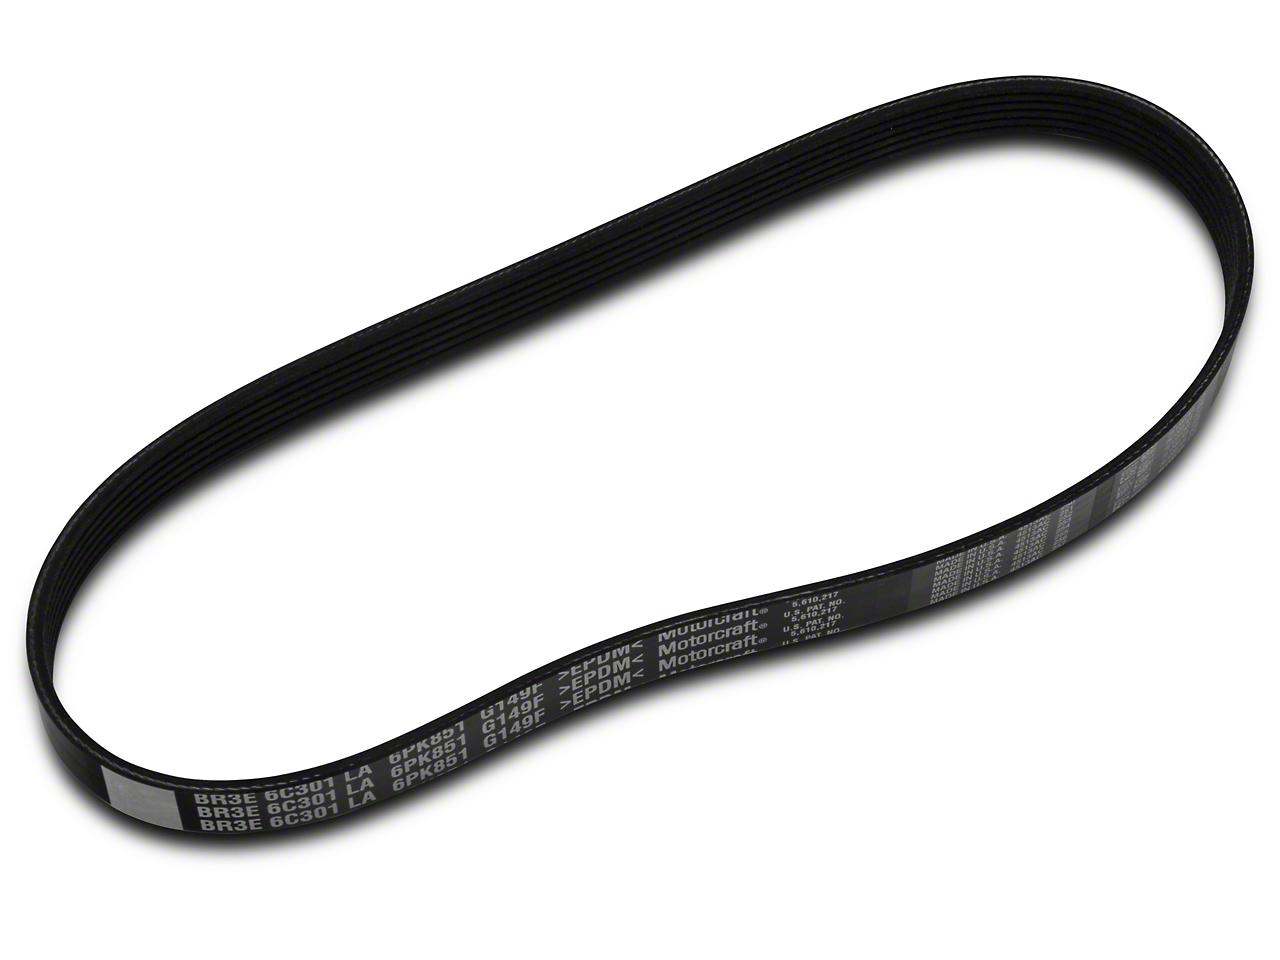 Ford Serpentine Belt (15-17 GT)